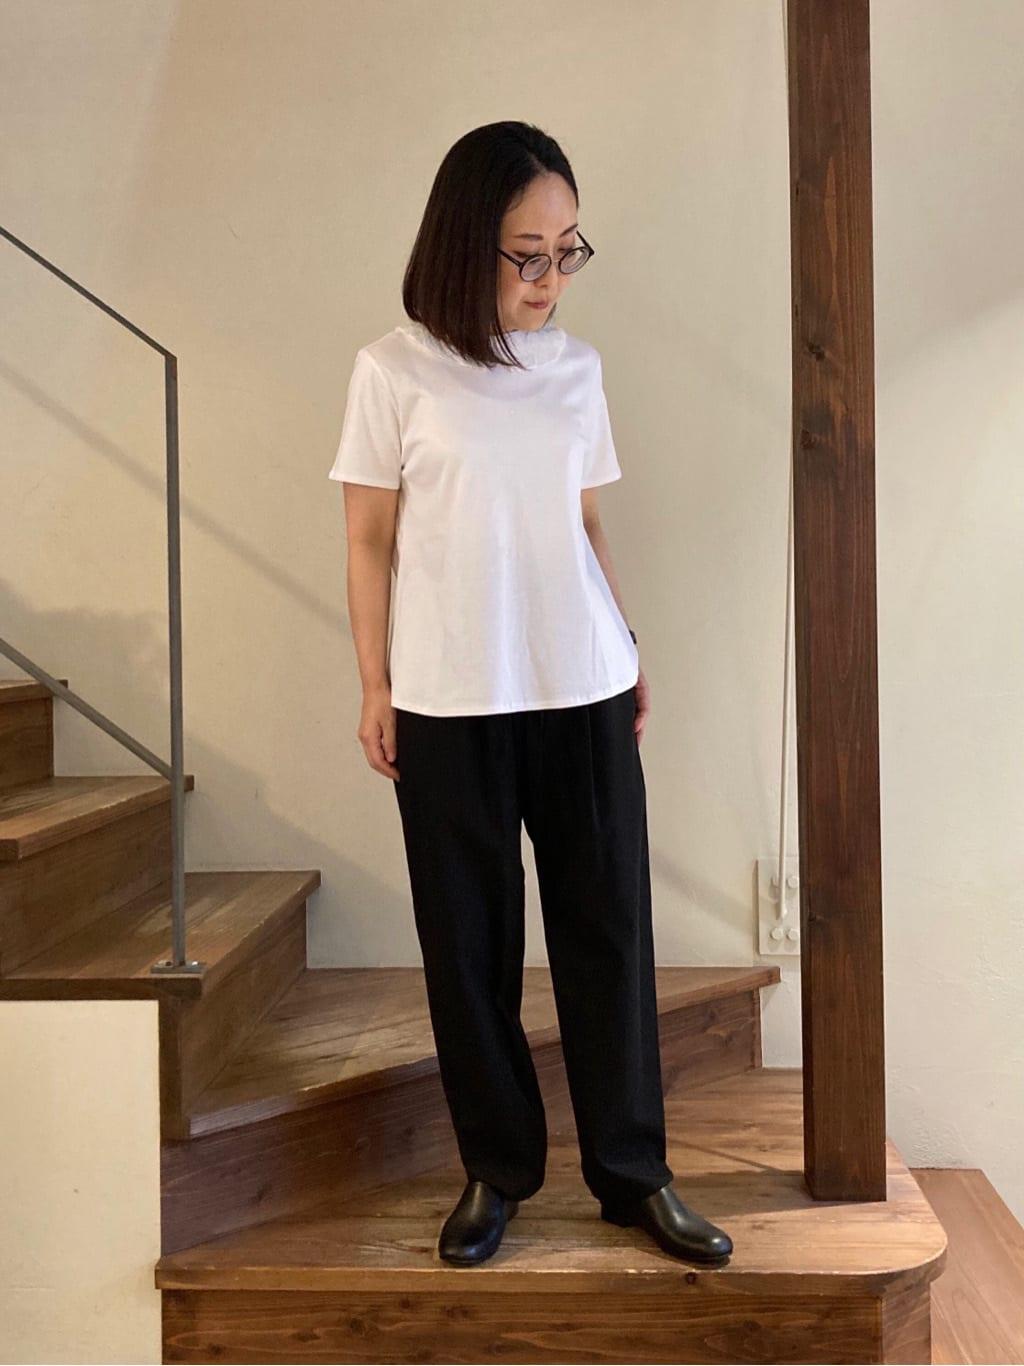 yuni 京都路面 身長:152cm 2021.07.27